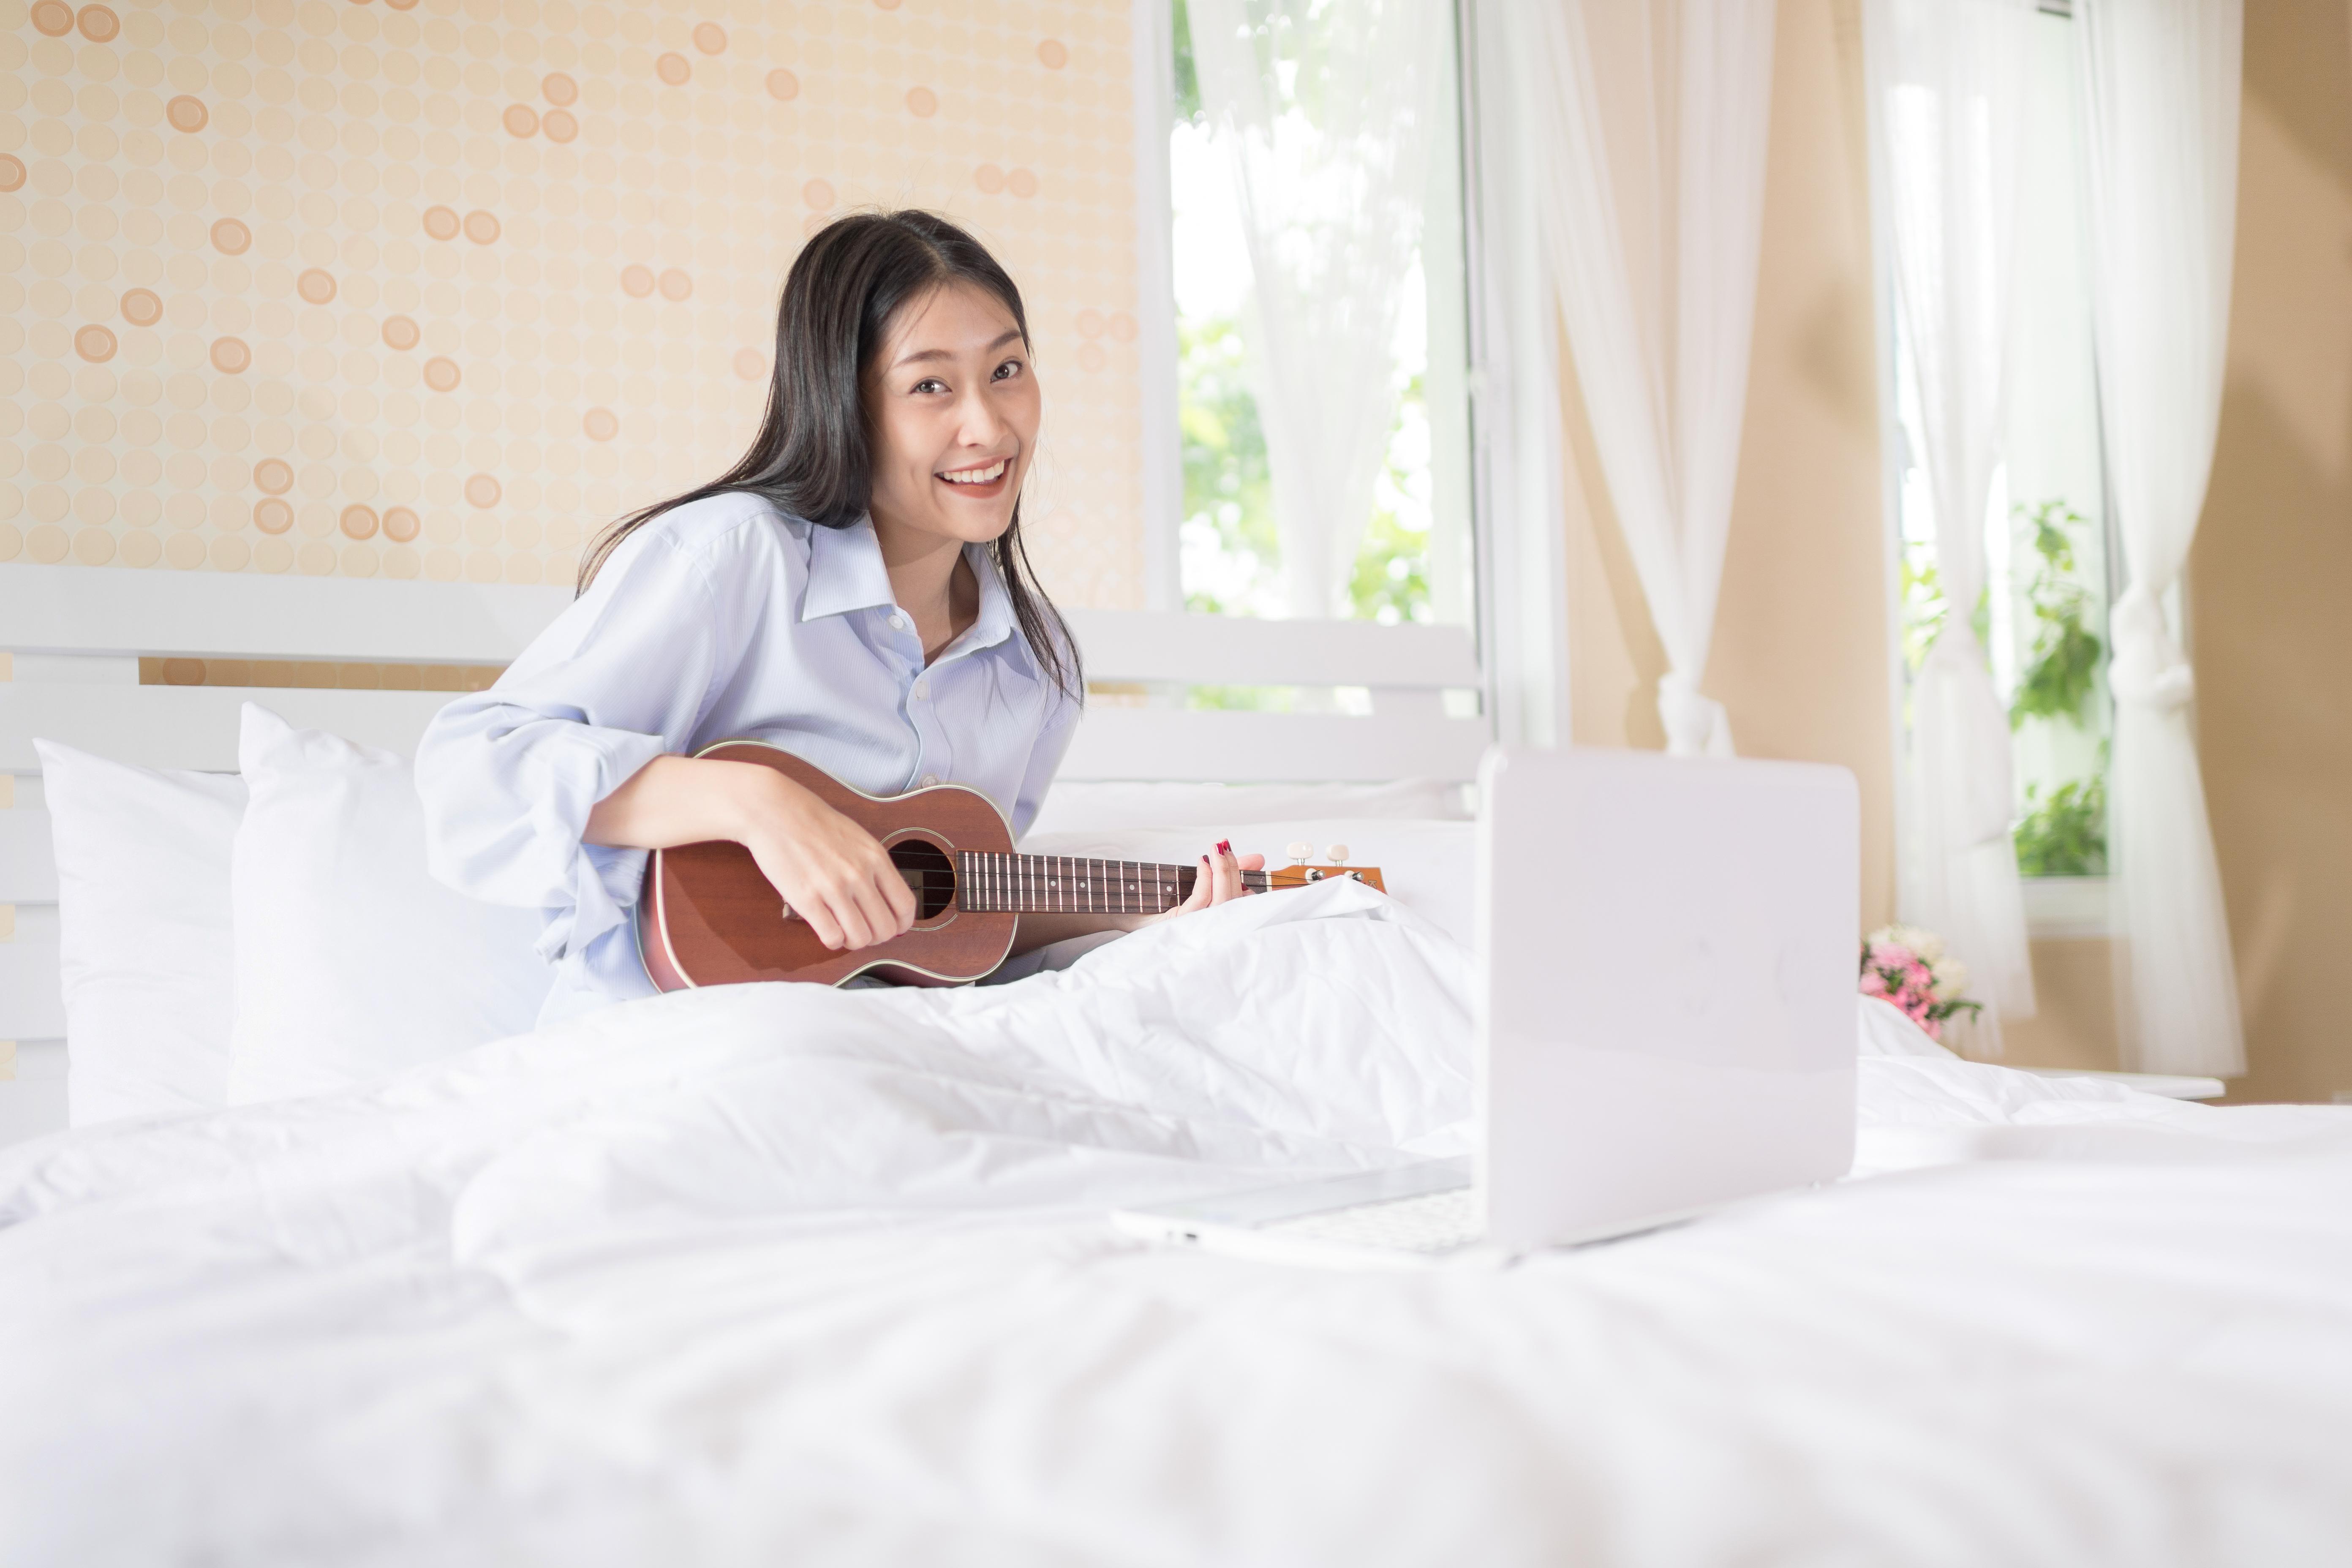 Beautiful girl practice playing ukulele